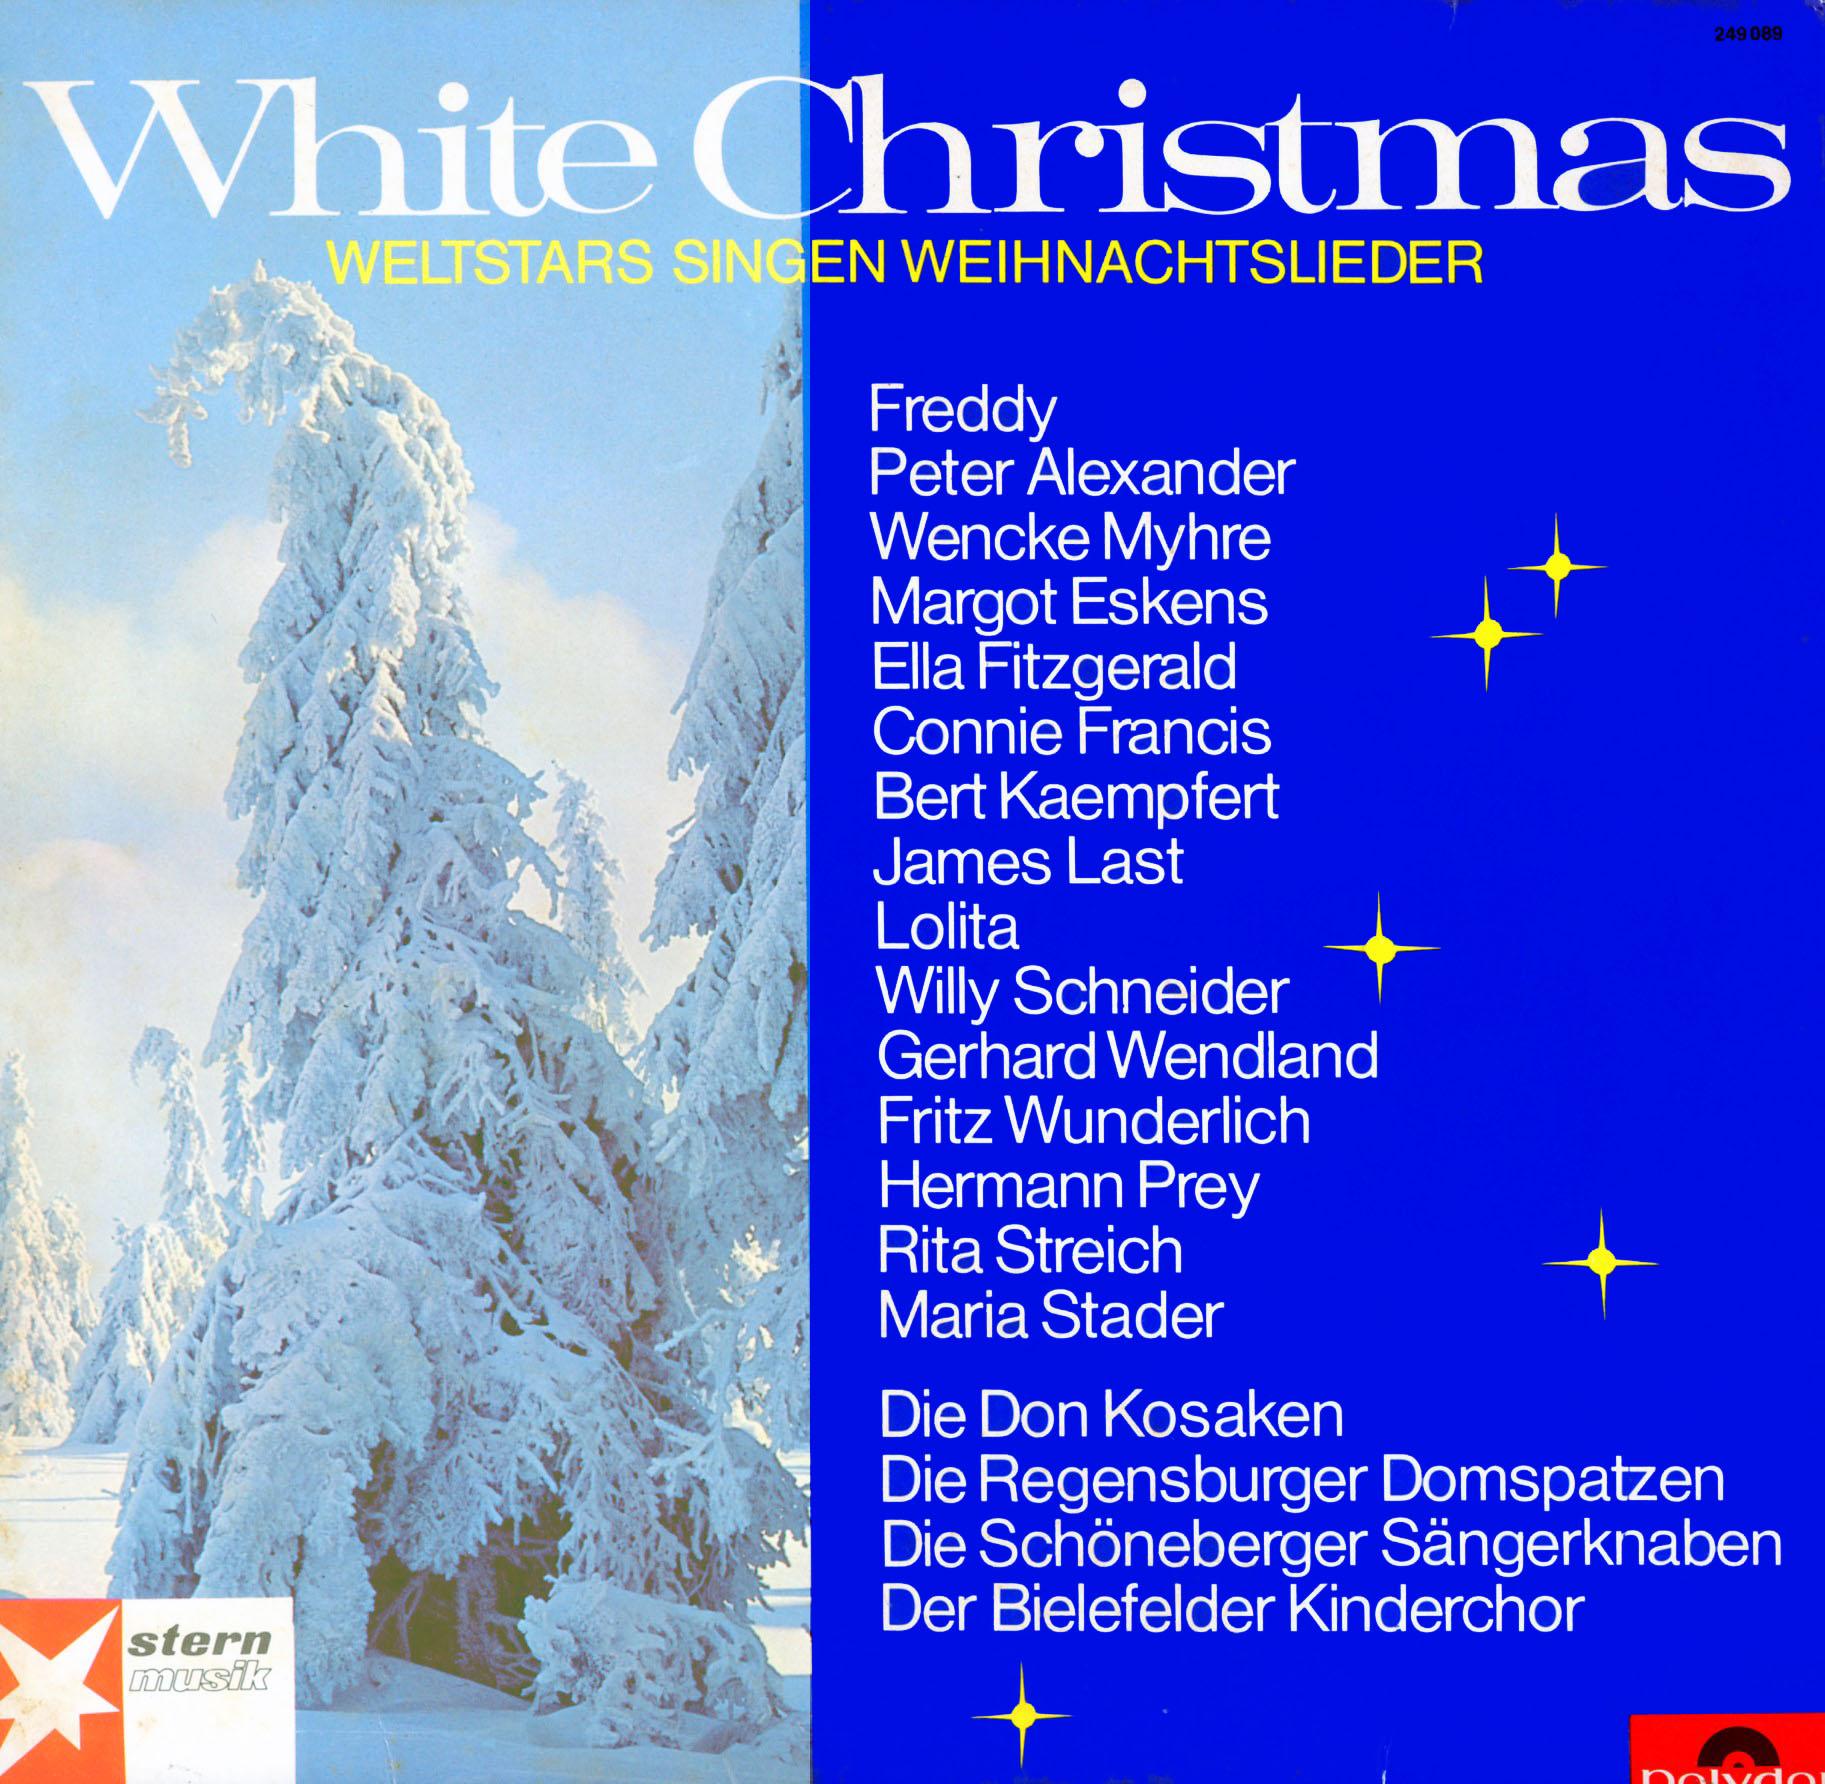 Disney Weihnachtslieder.Cd Weltstars Singen Weihnachtslieder White Christmas